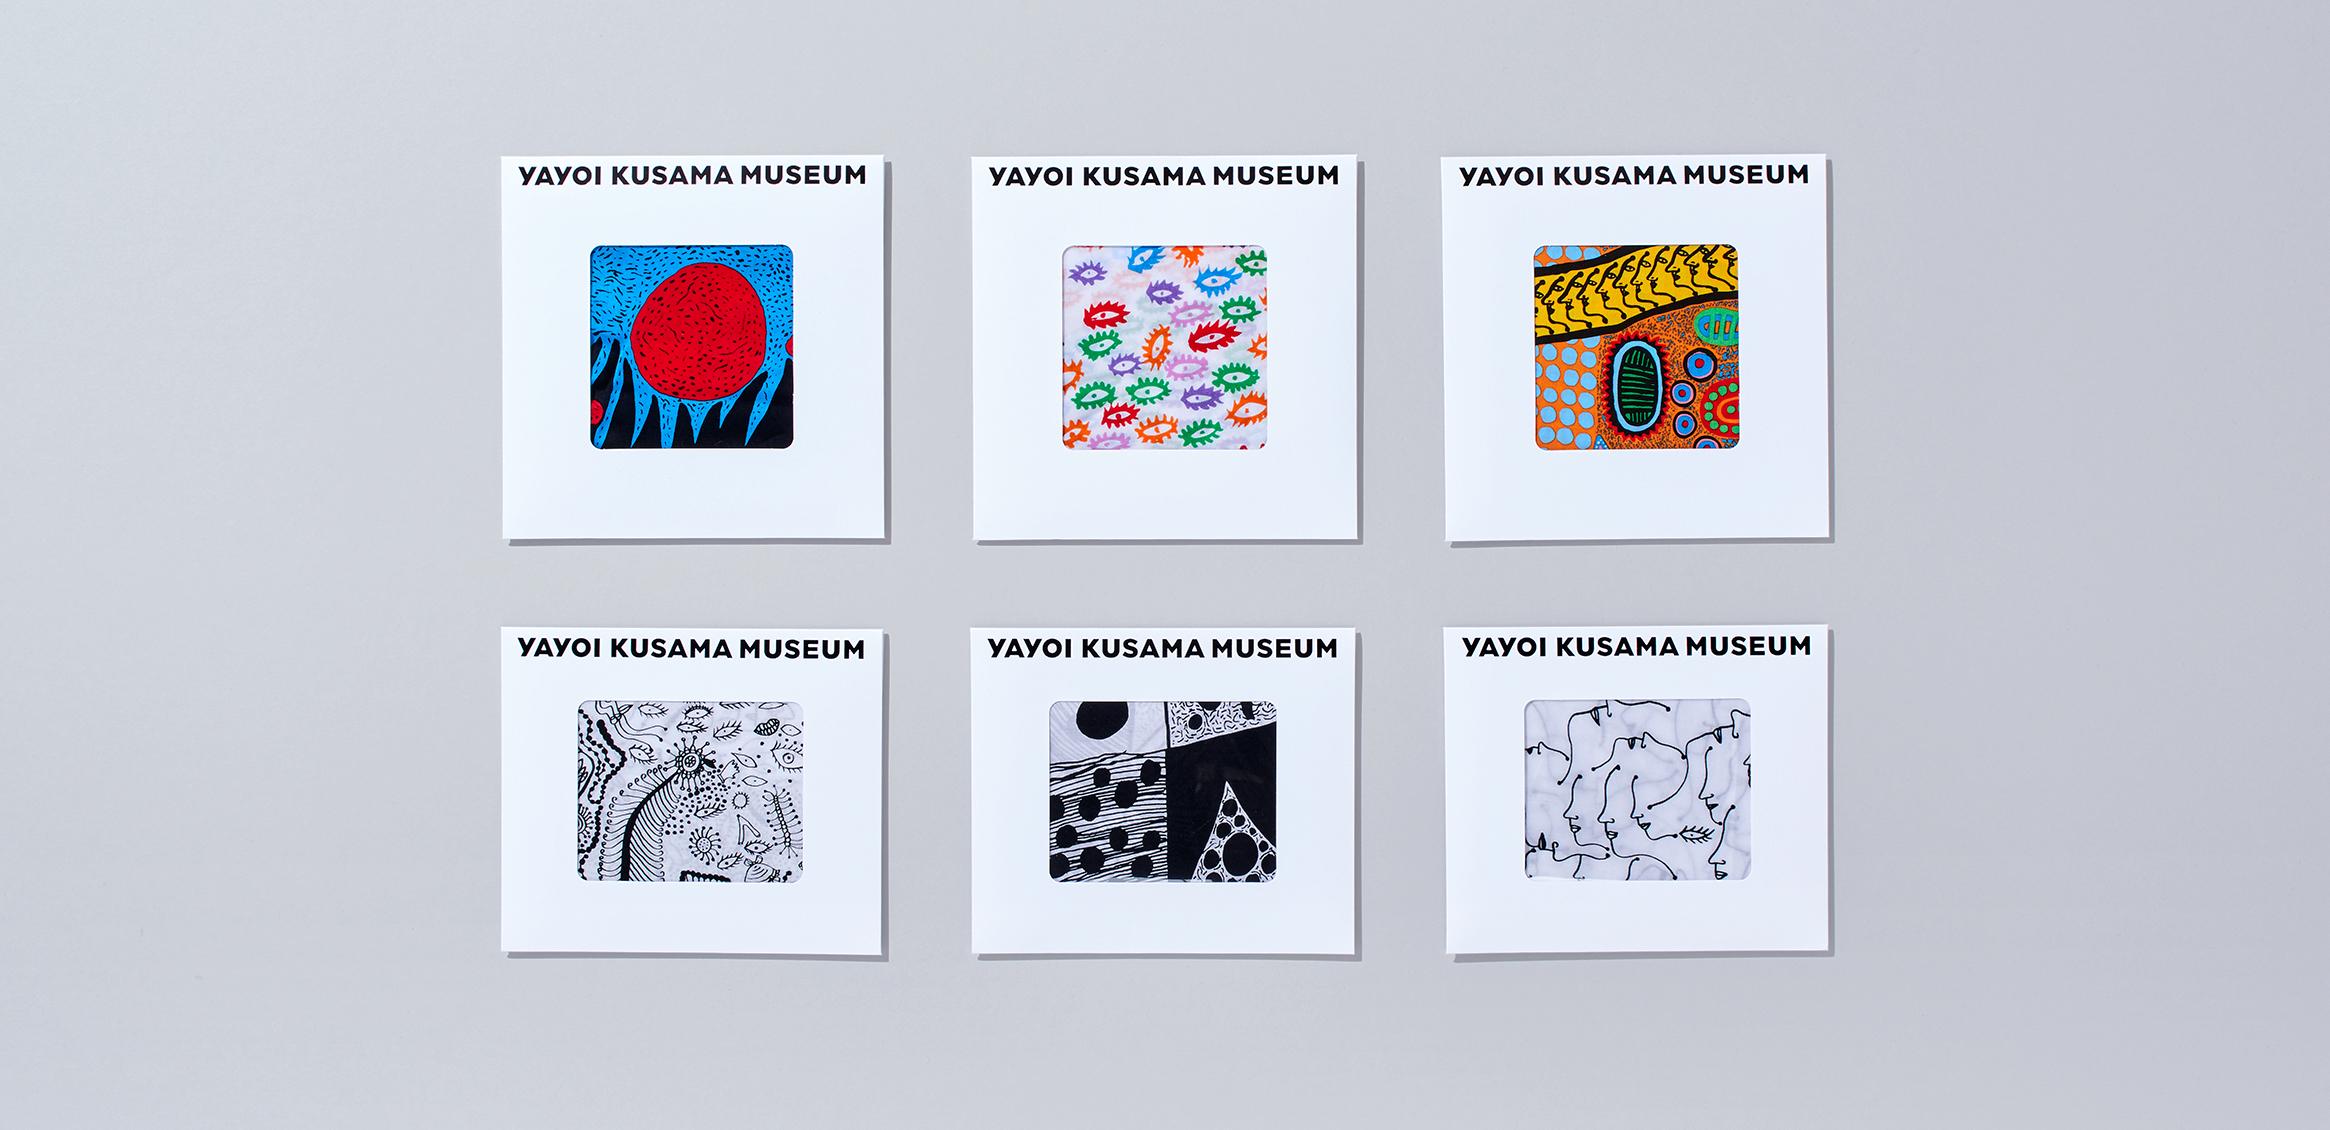 Yayoi Kusama Museum Application1枚目